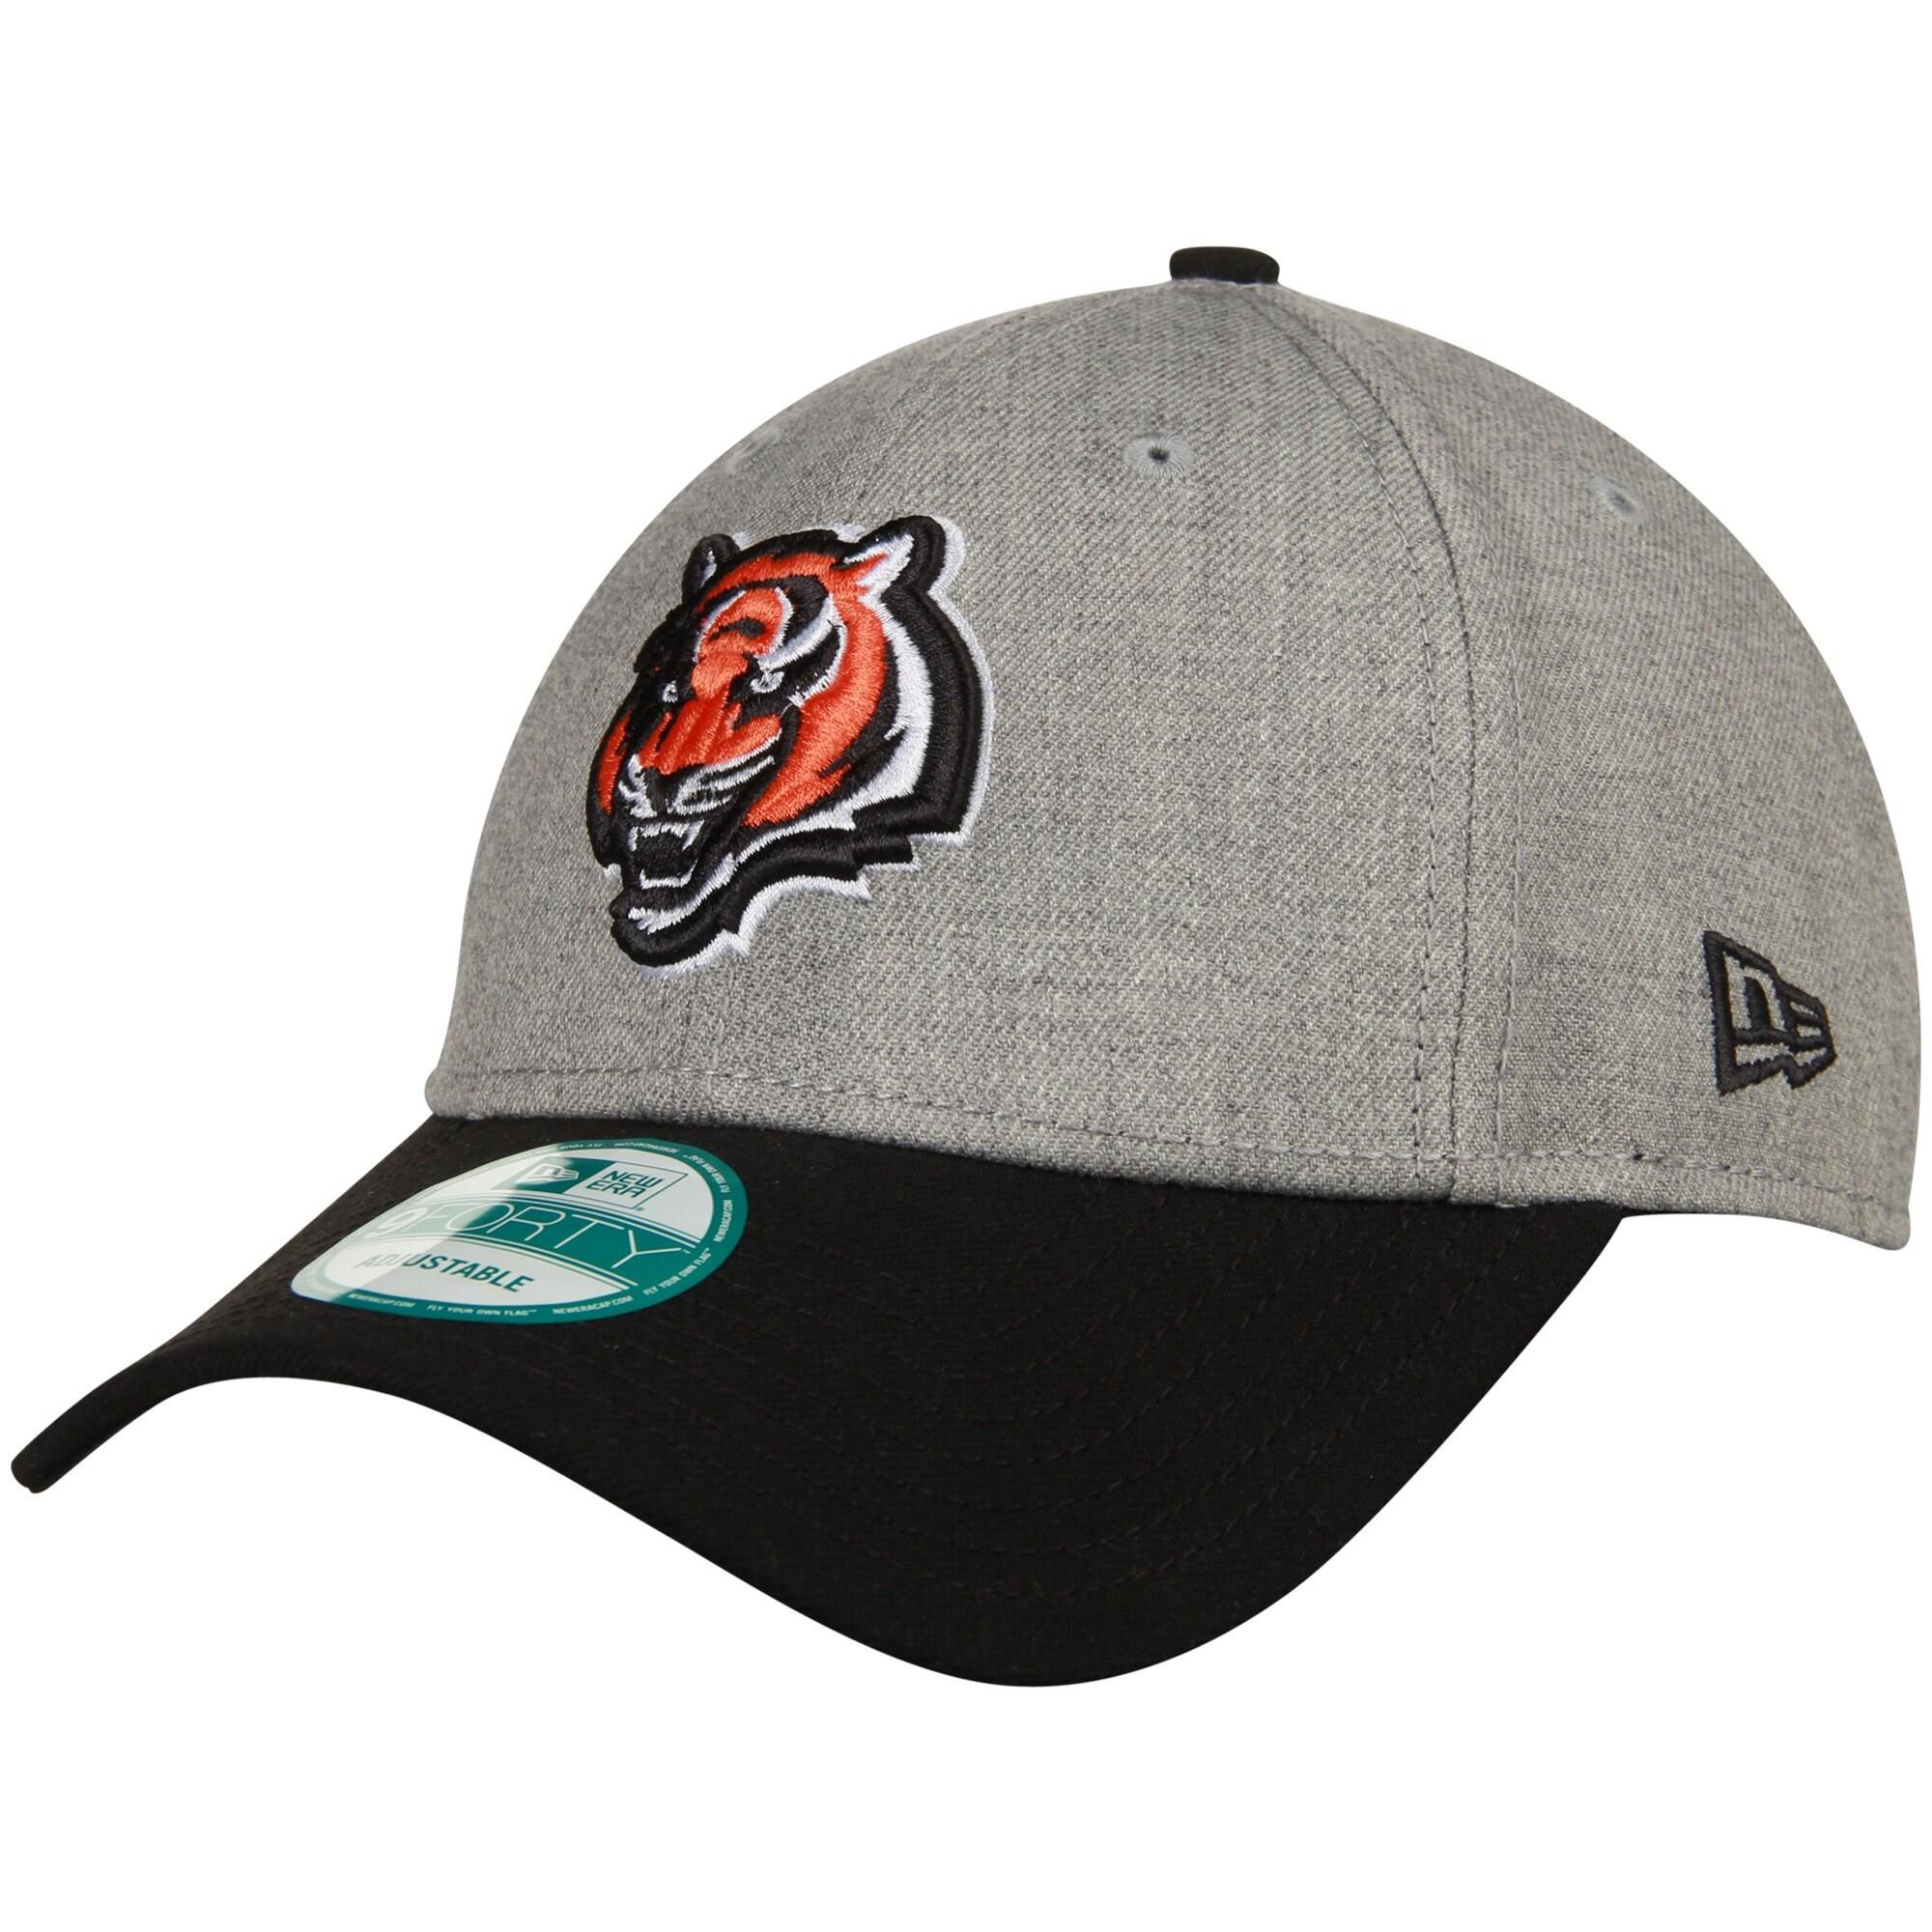 Cincinnati Bengals New Era The League 9FORTY Adjustable Hat - Heather Gray